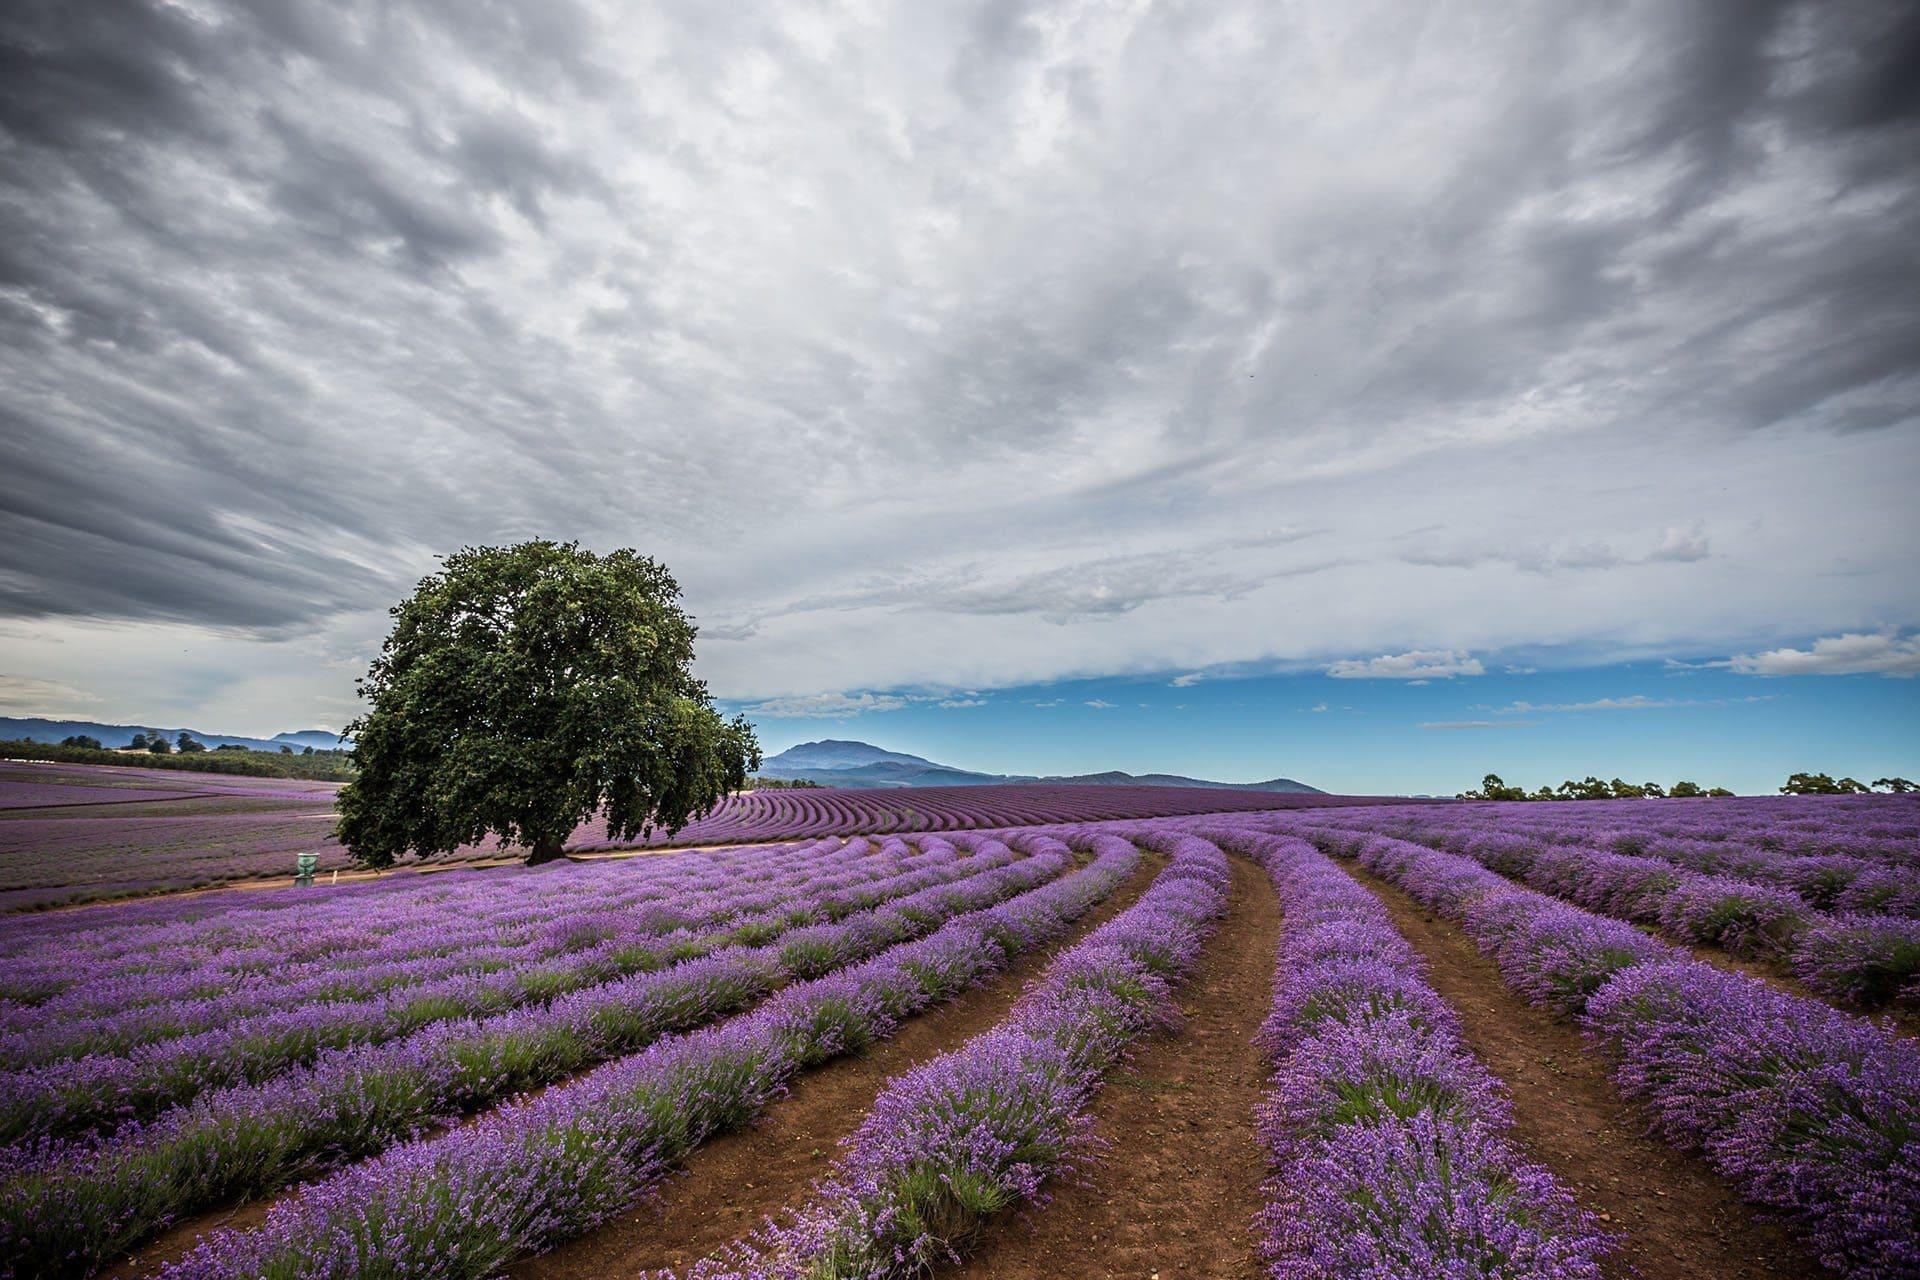 bridestowe-lavender-banner-Matt-Glastonbury-Bridestowe-16